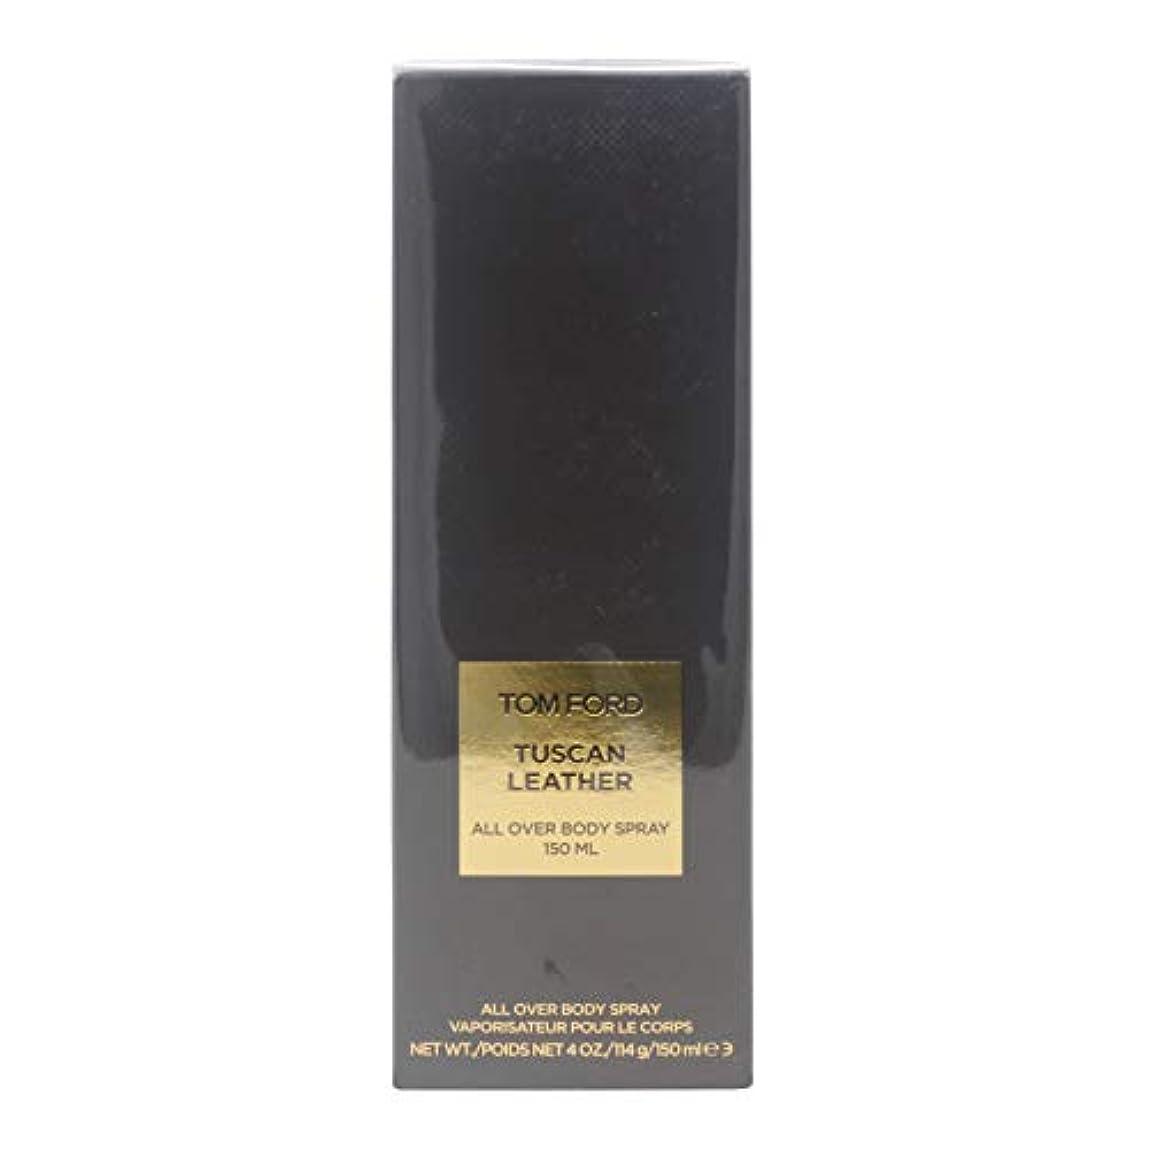 瞑想する助けになるつまらないTom Ford Private Blend 'Tuscan Leather' (トムフォード プライベートブレンド トスカンレザー) 5.0 oz (150ml) All Over Body Spray